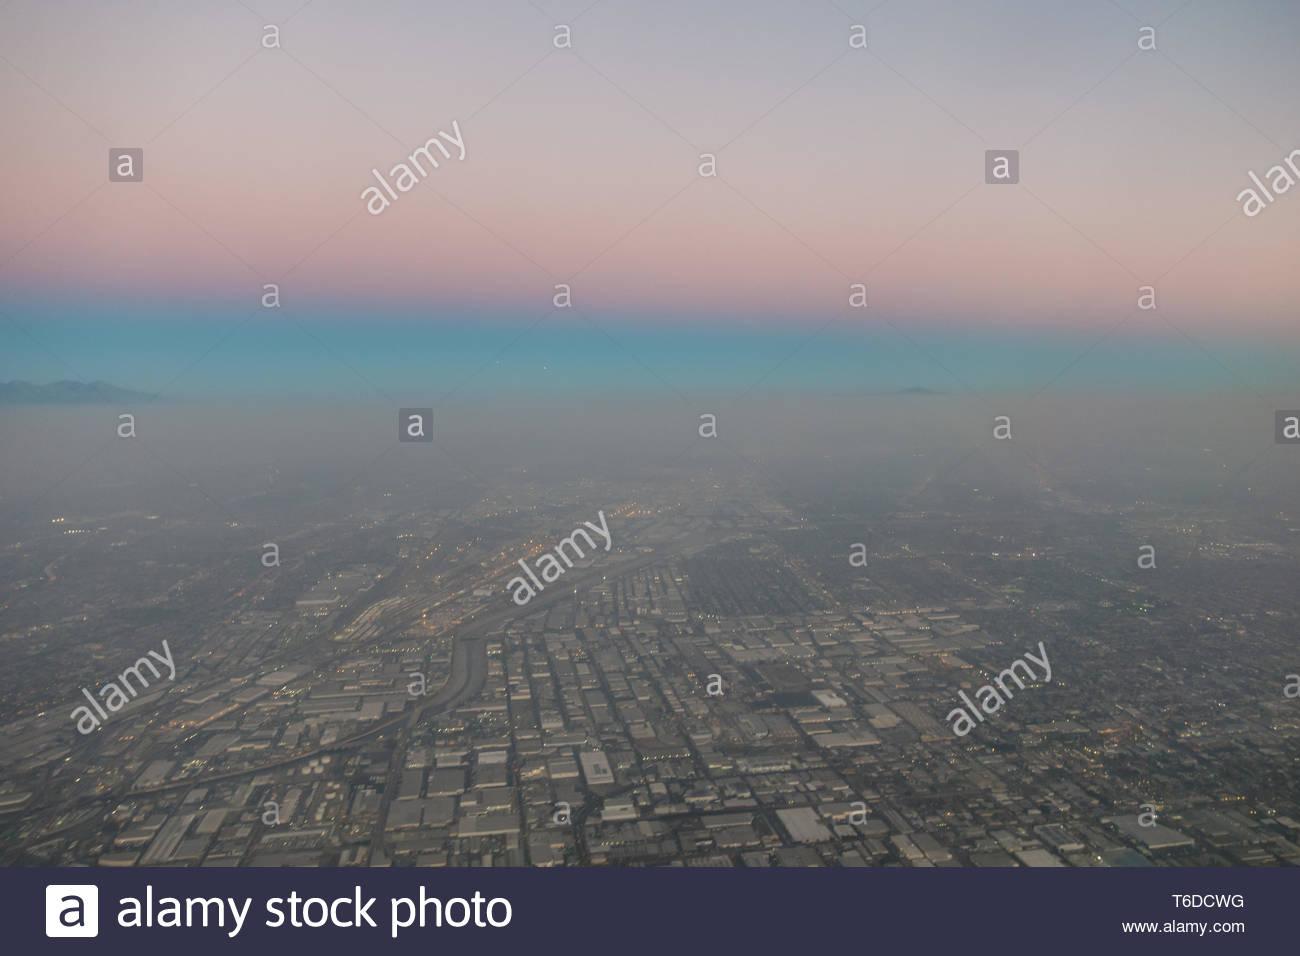 Vista aérea del Valle de San Fernando después de la puesta de sol con neblina Foto de stock